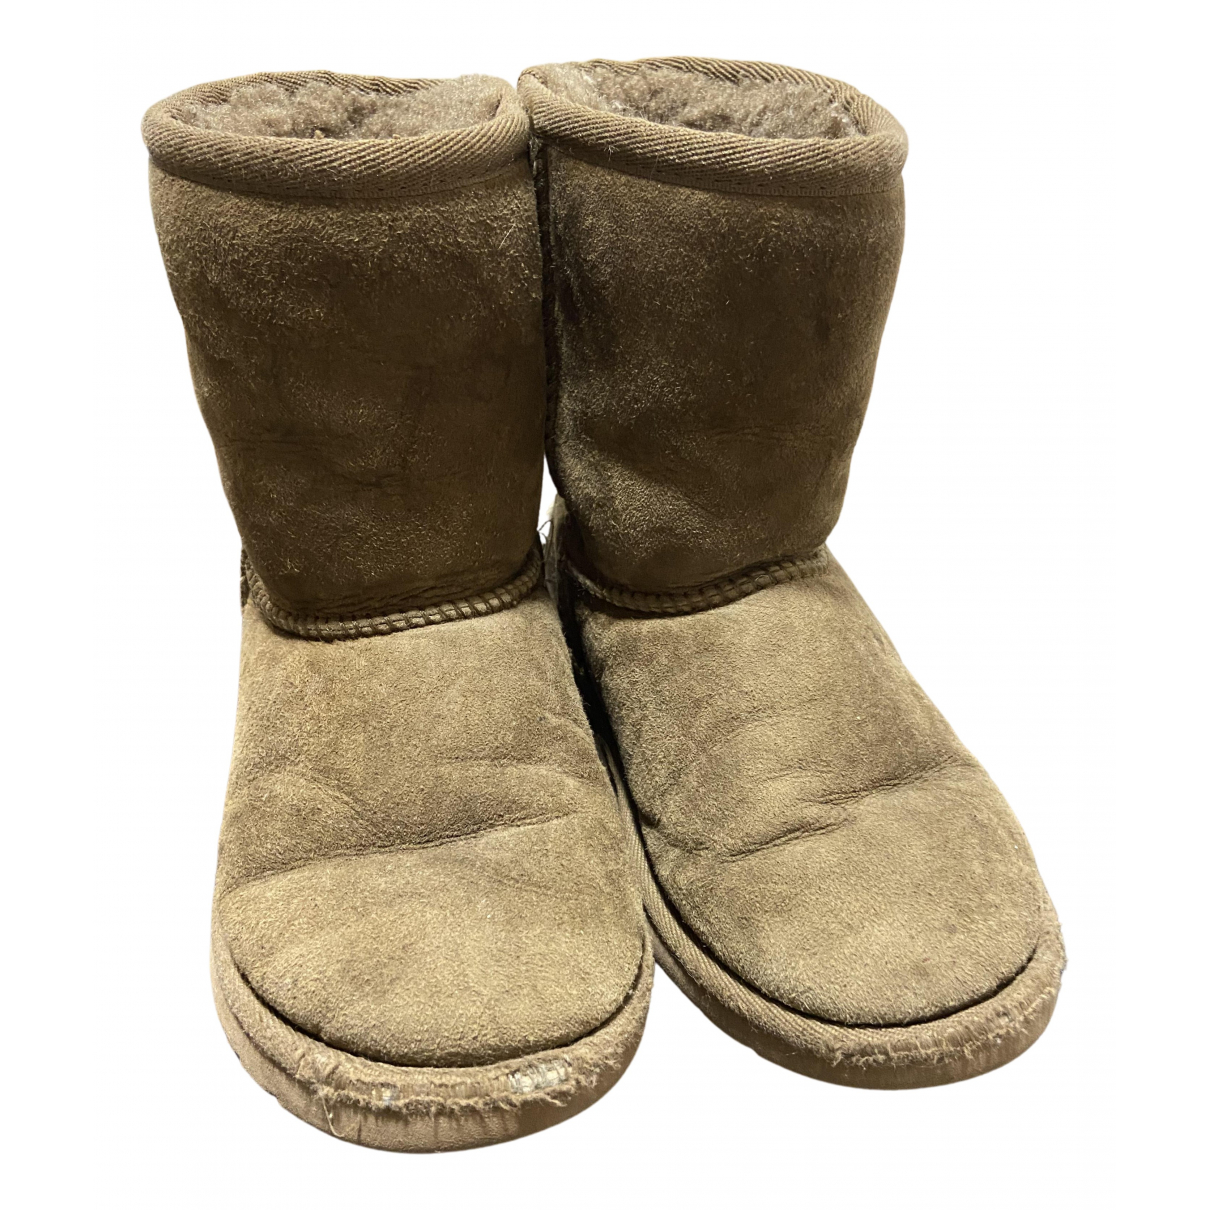 Ugg N Beige Suede Boots for Kids 29 FR